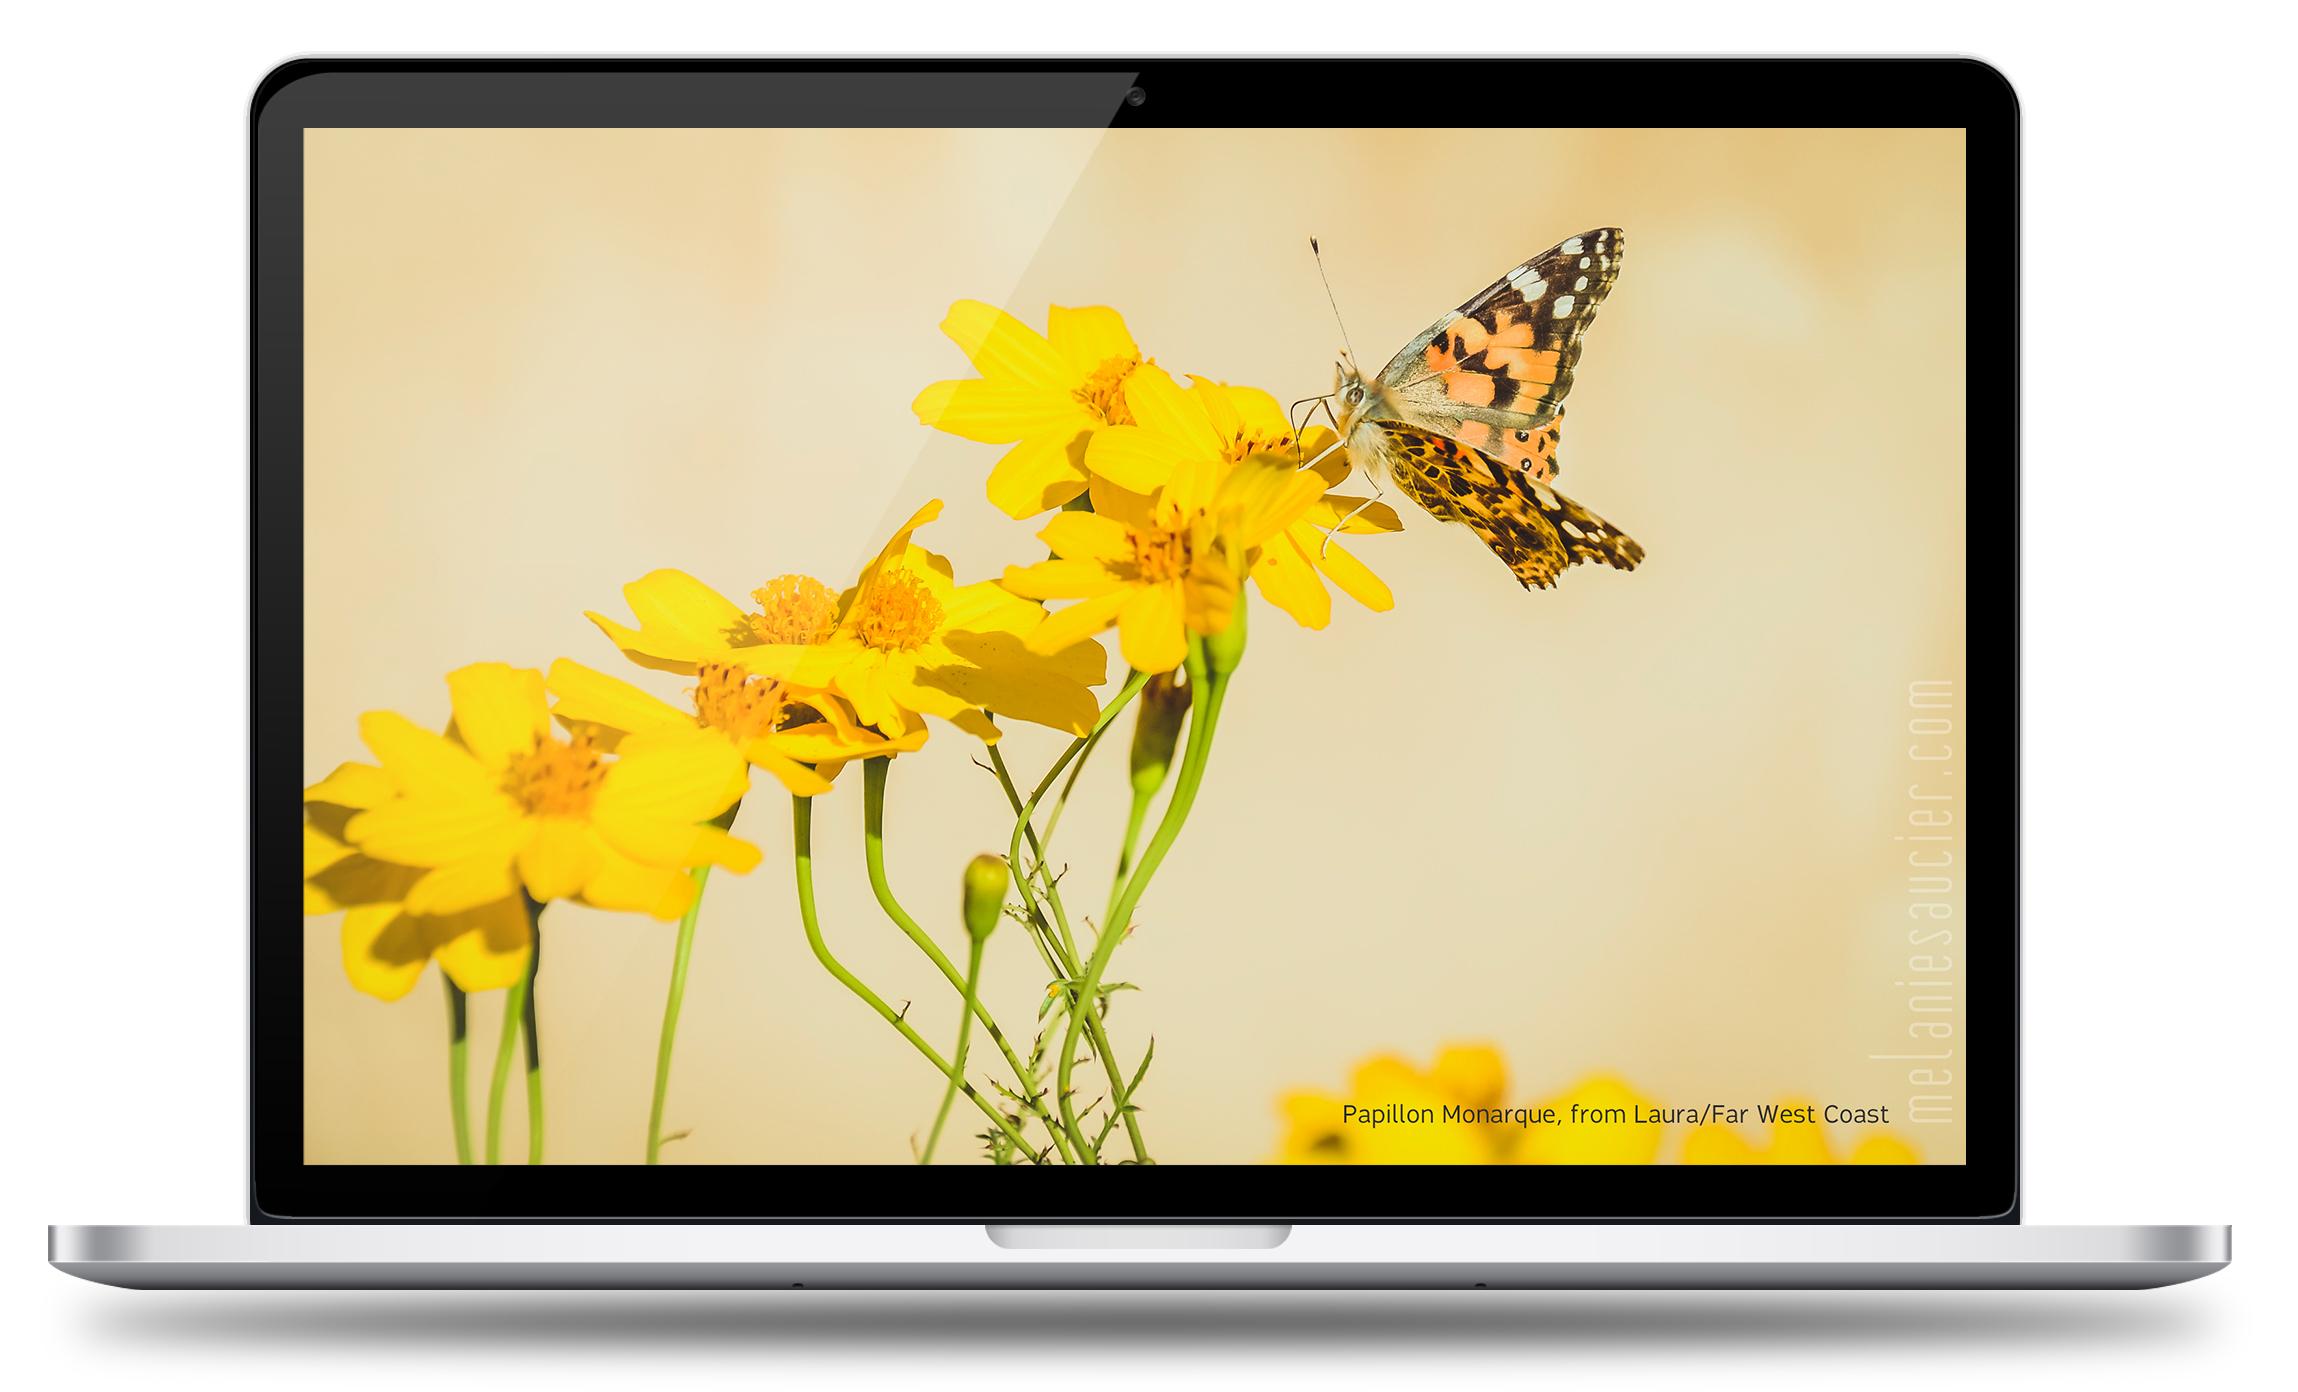 MacBook — 16:10